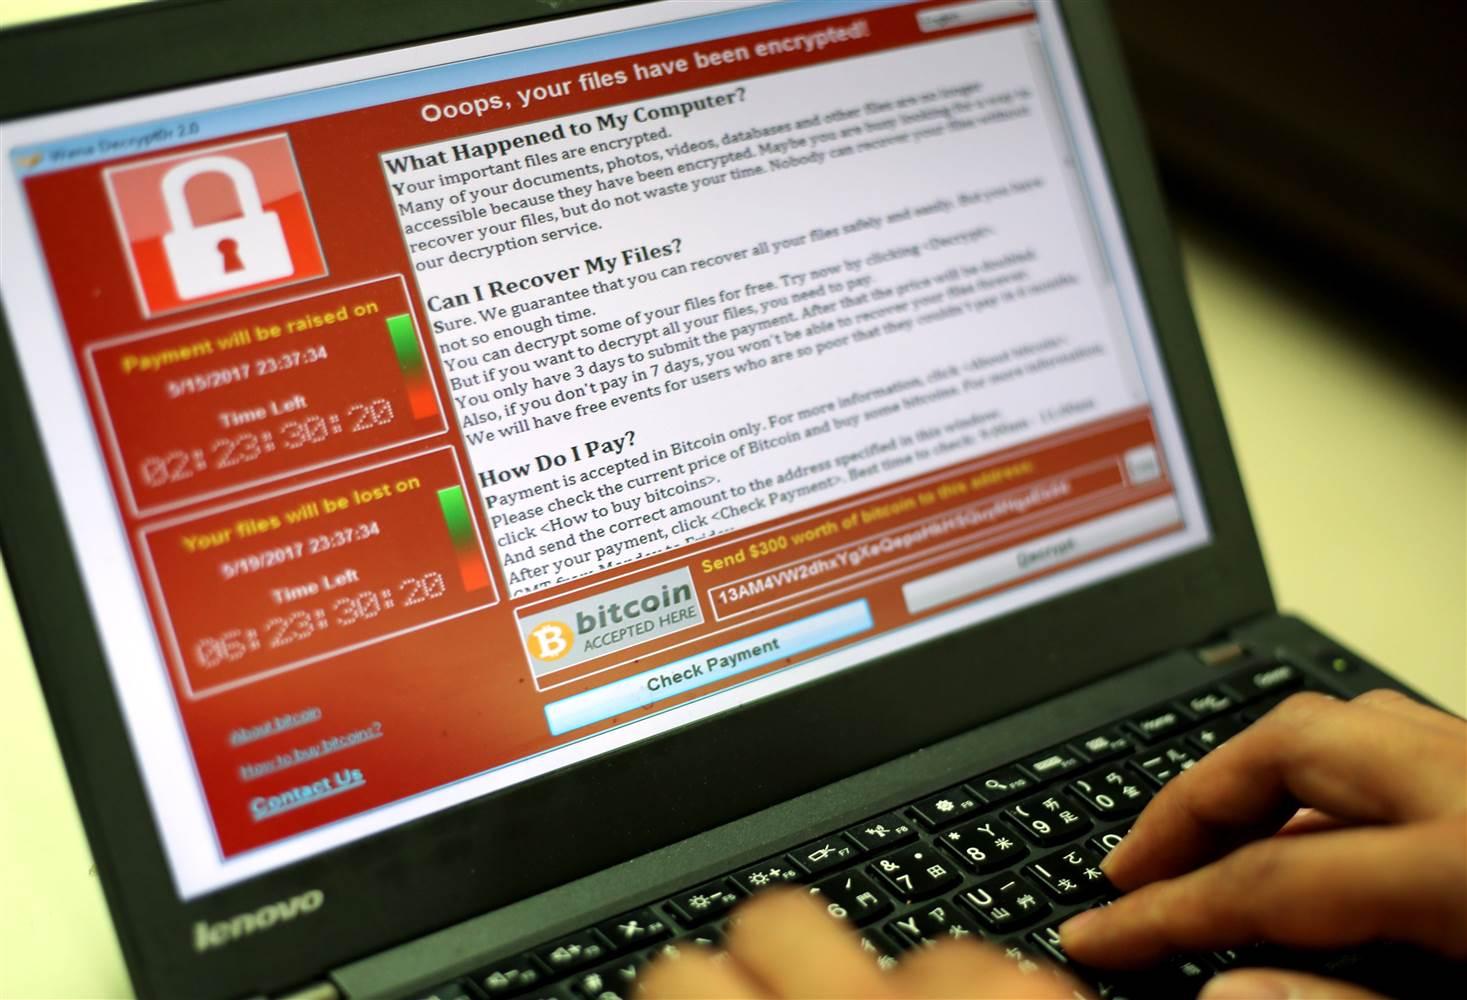 WannaCry վիրուսը գրոհել Է Չինաստանը, Ճապոնիաին եւ Հարավային Կորեան